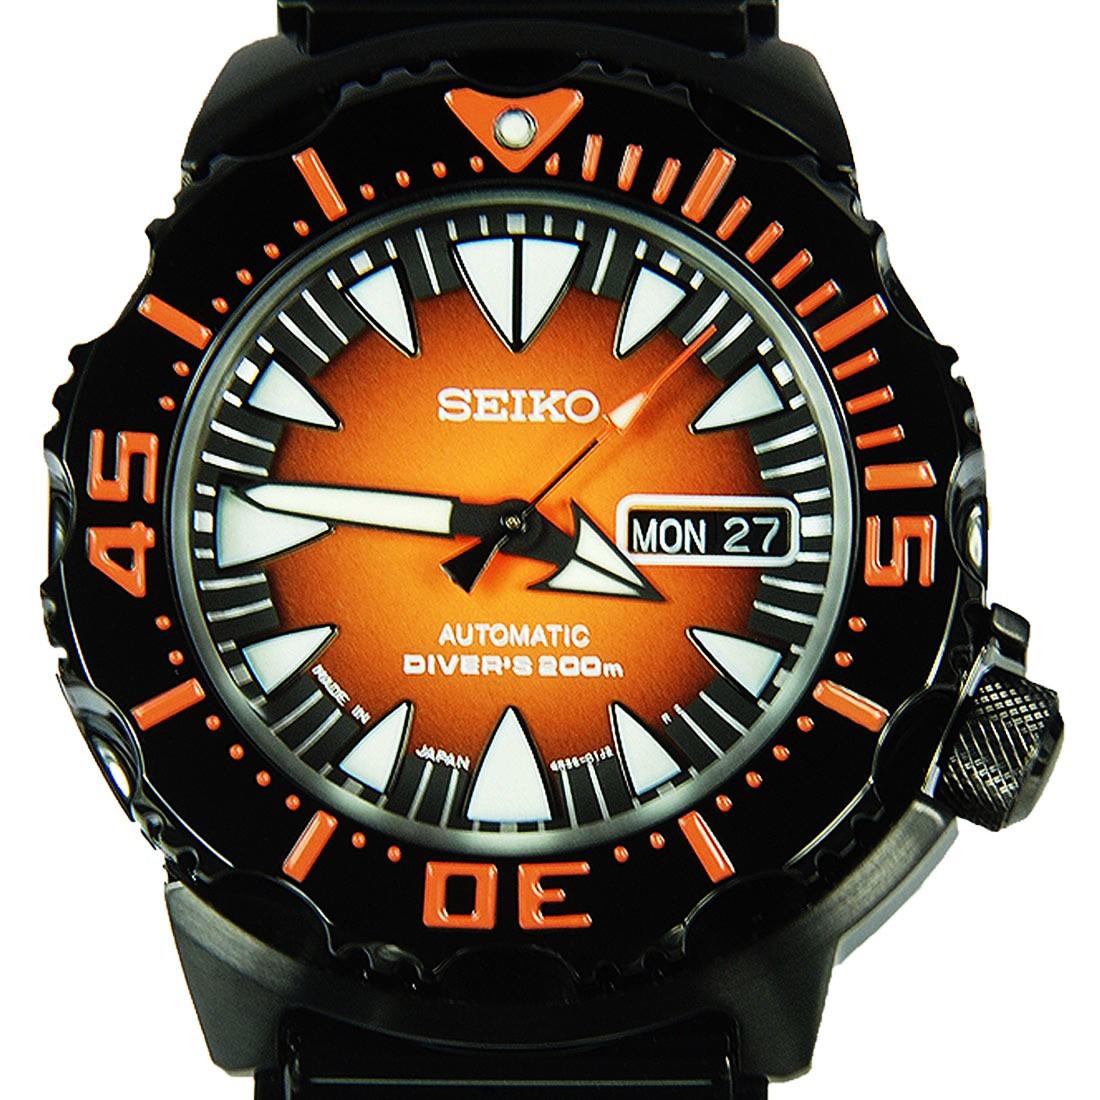 นาฬิกา Seiko Monster Black Orange Fang SRP311K1